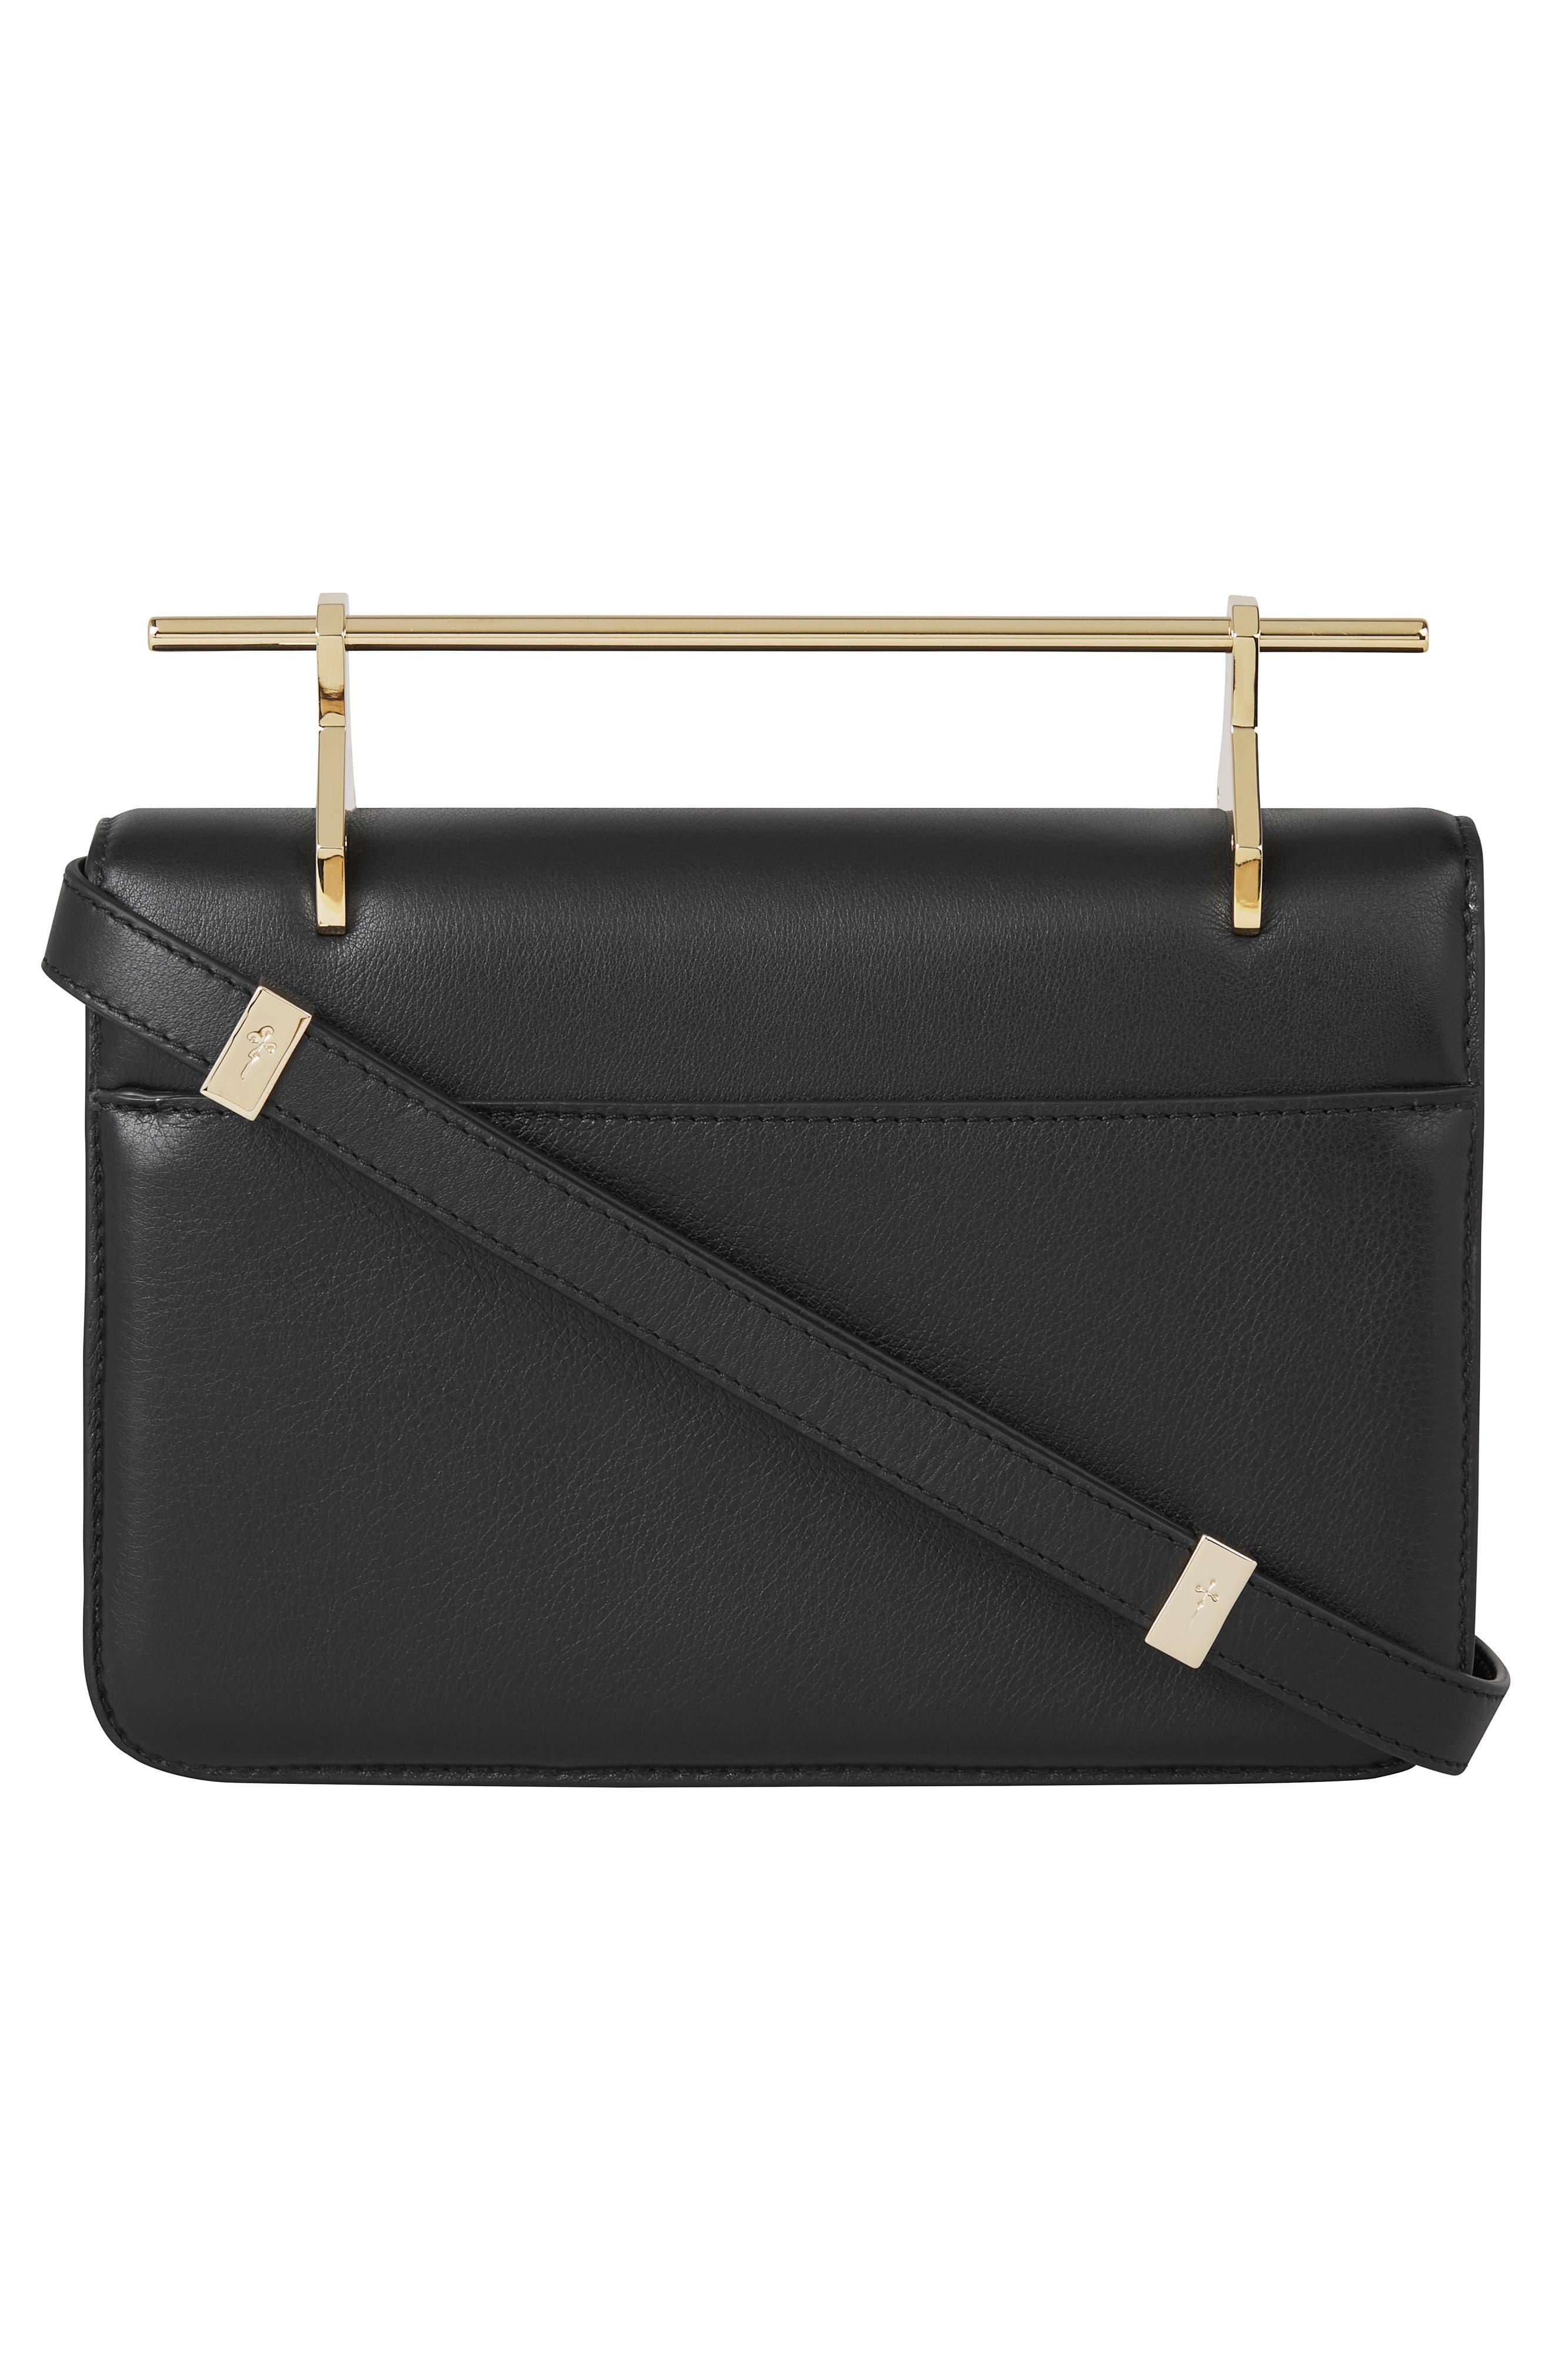 La Fleur du Mal Leather Shoulder Bag,                             Alternate thumbnail 2, color,                             BLACK/ GOLD